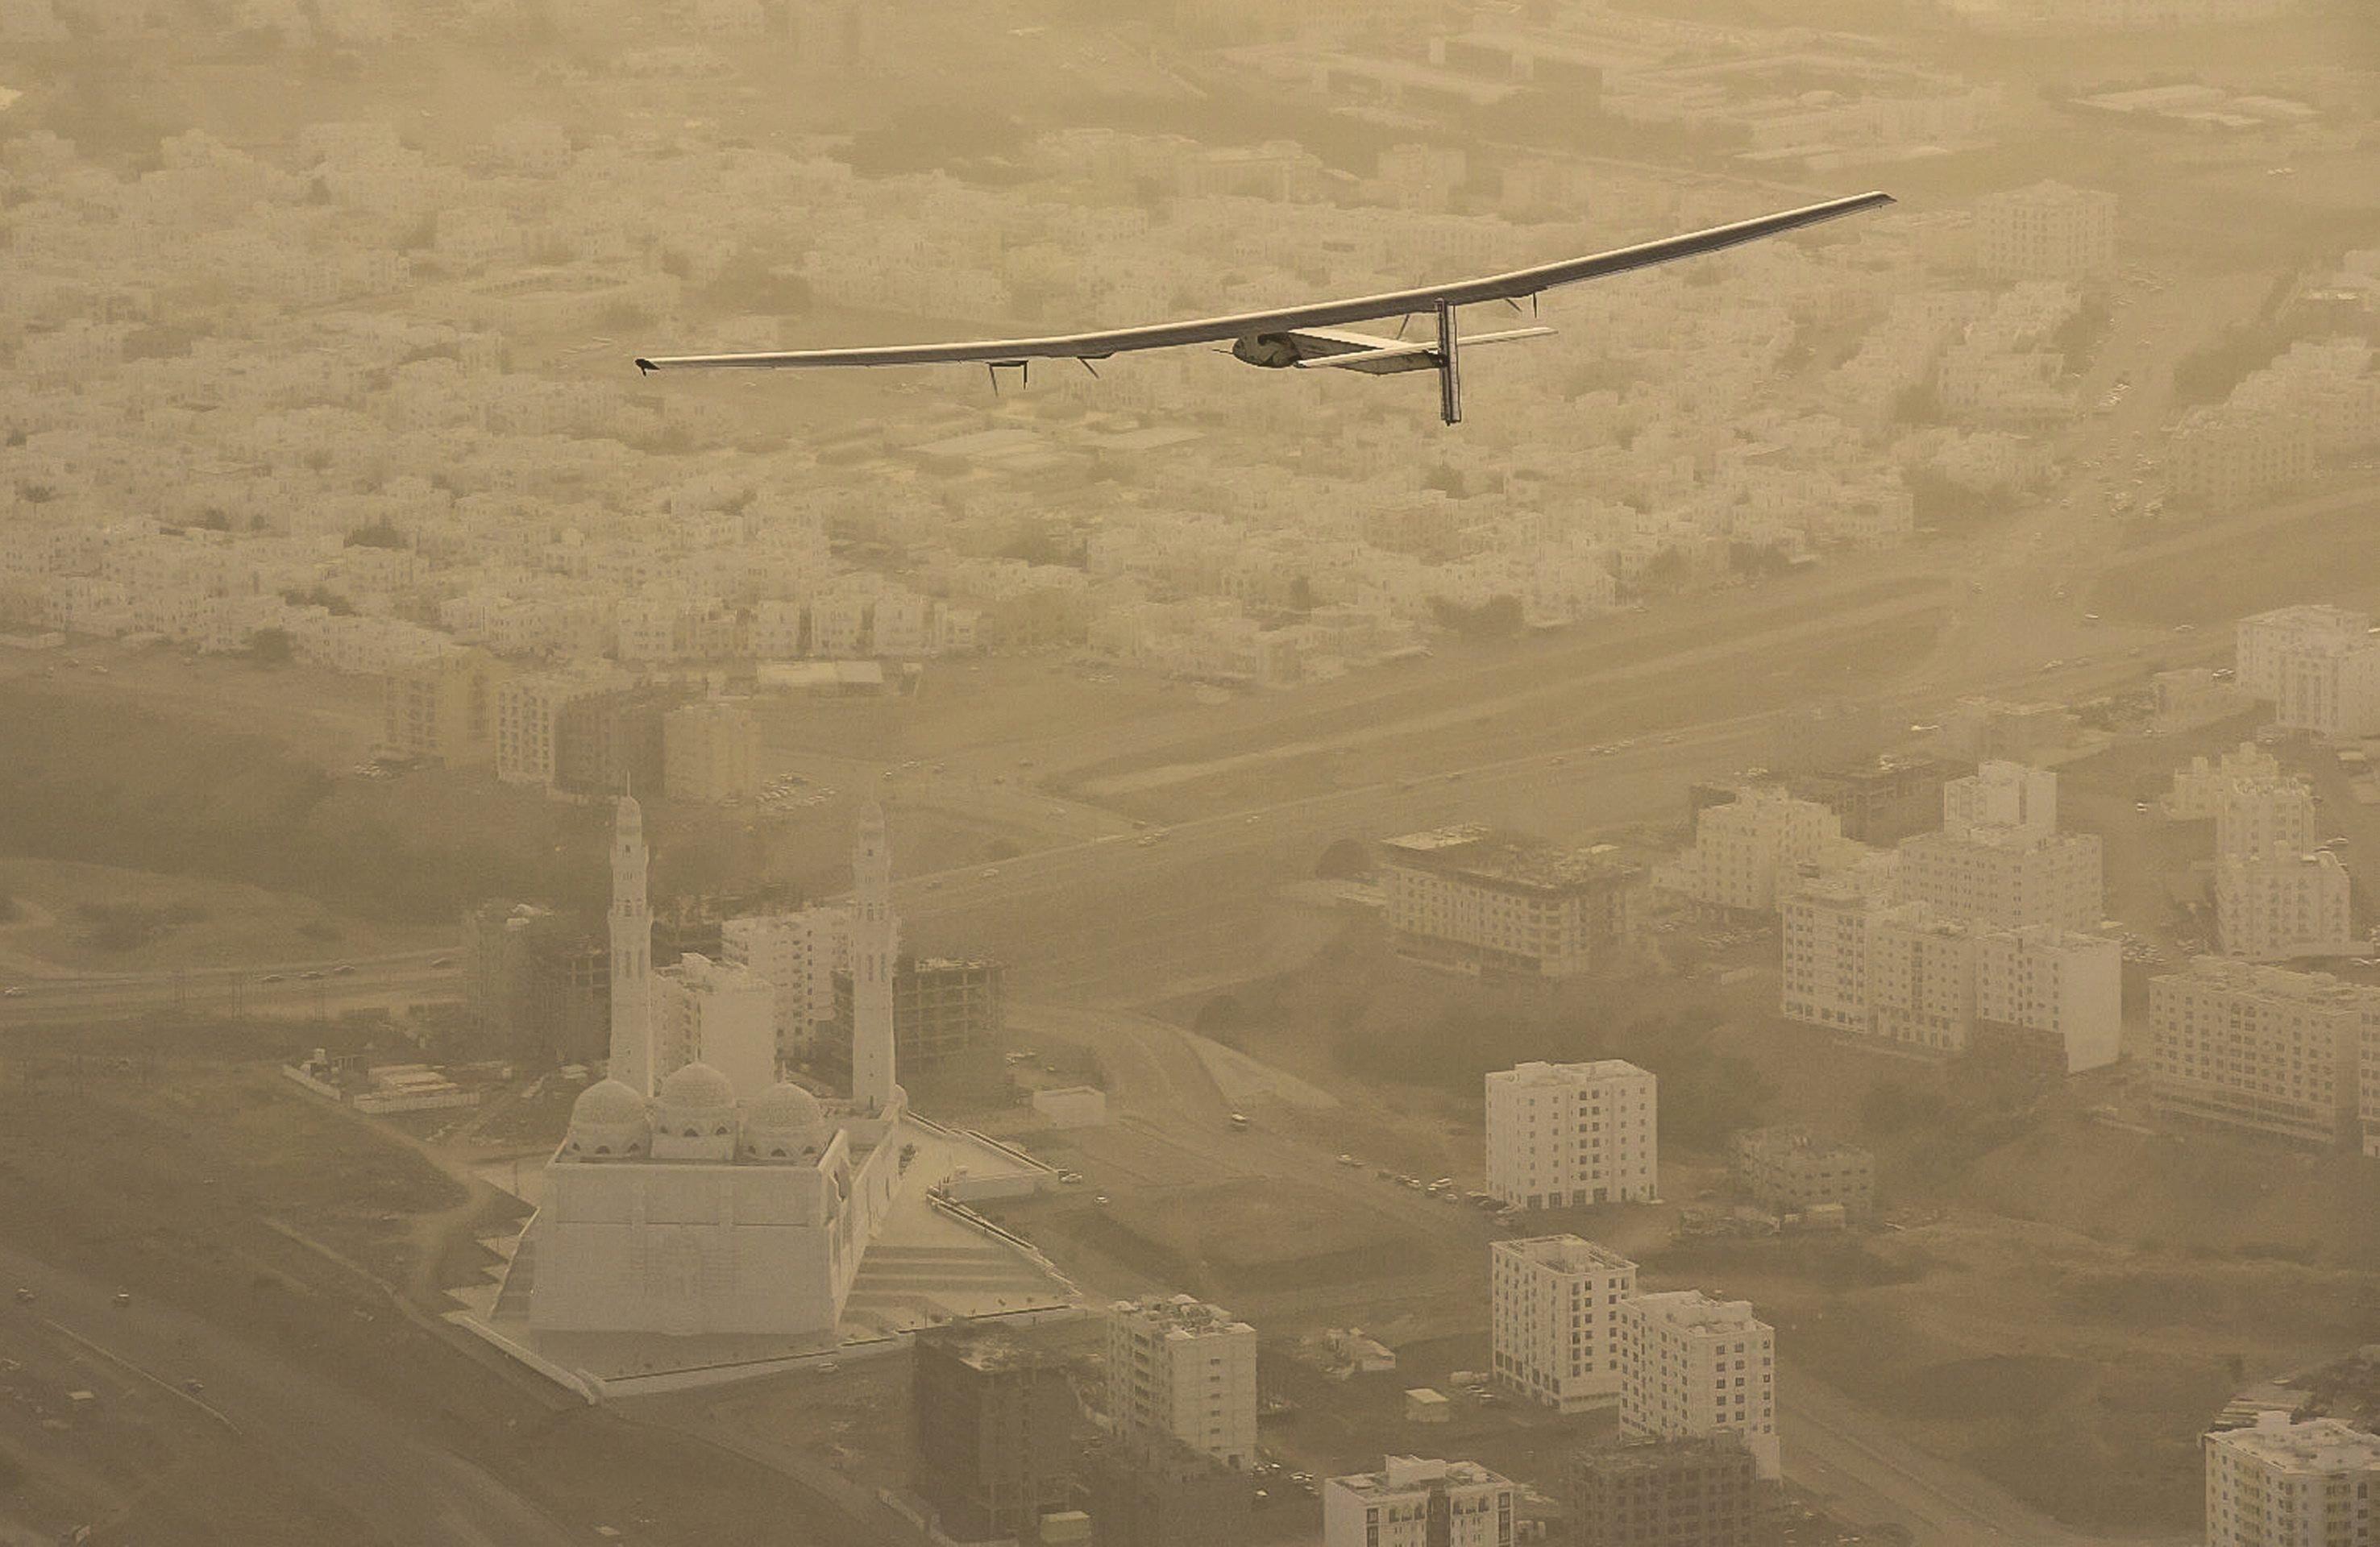 Die Solar Impulse 2 über Oman: Aktuell fliegt das Solarflugzeug über Indien und dann weiter nach China.